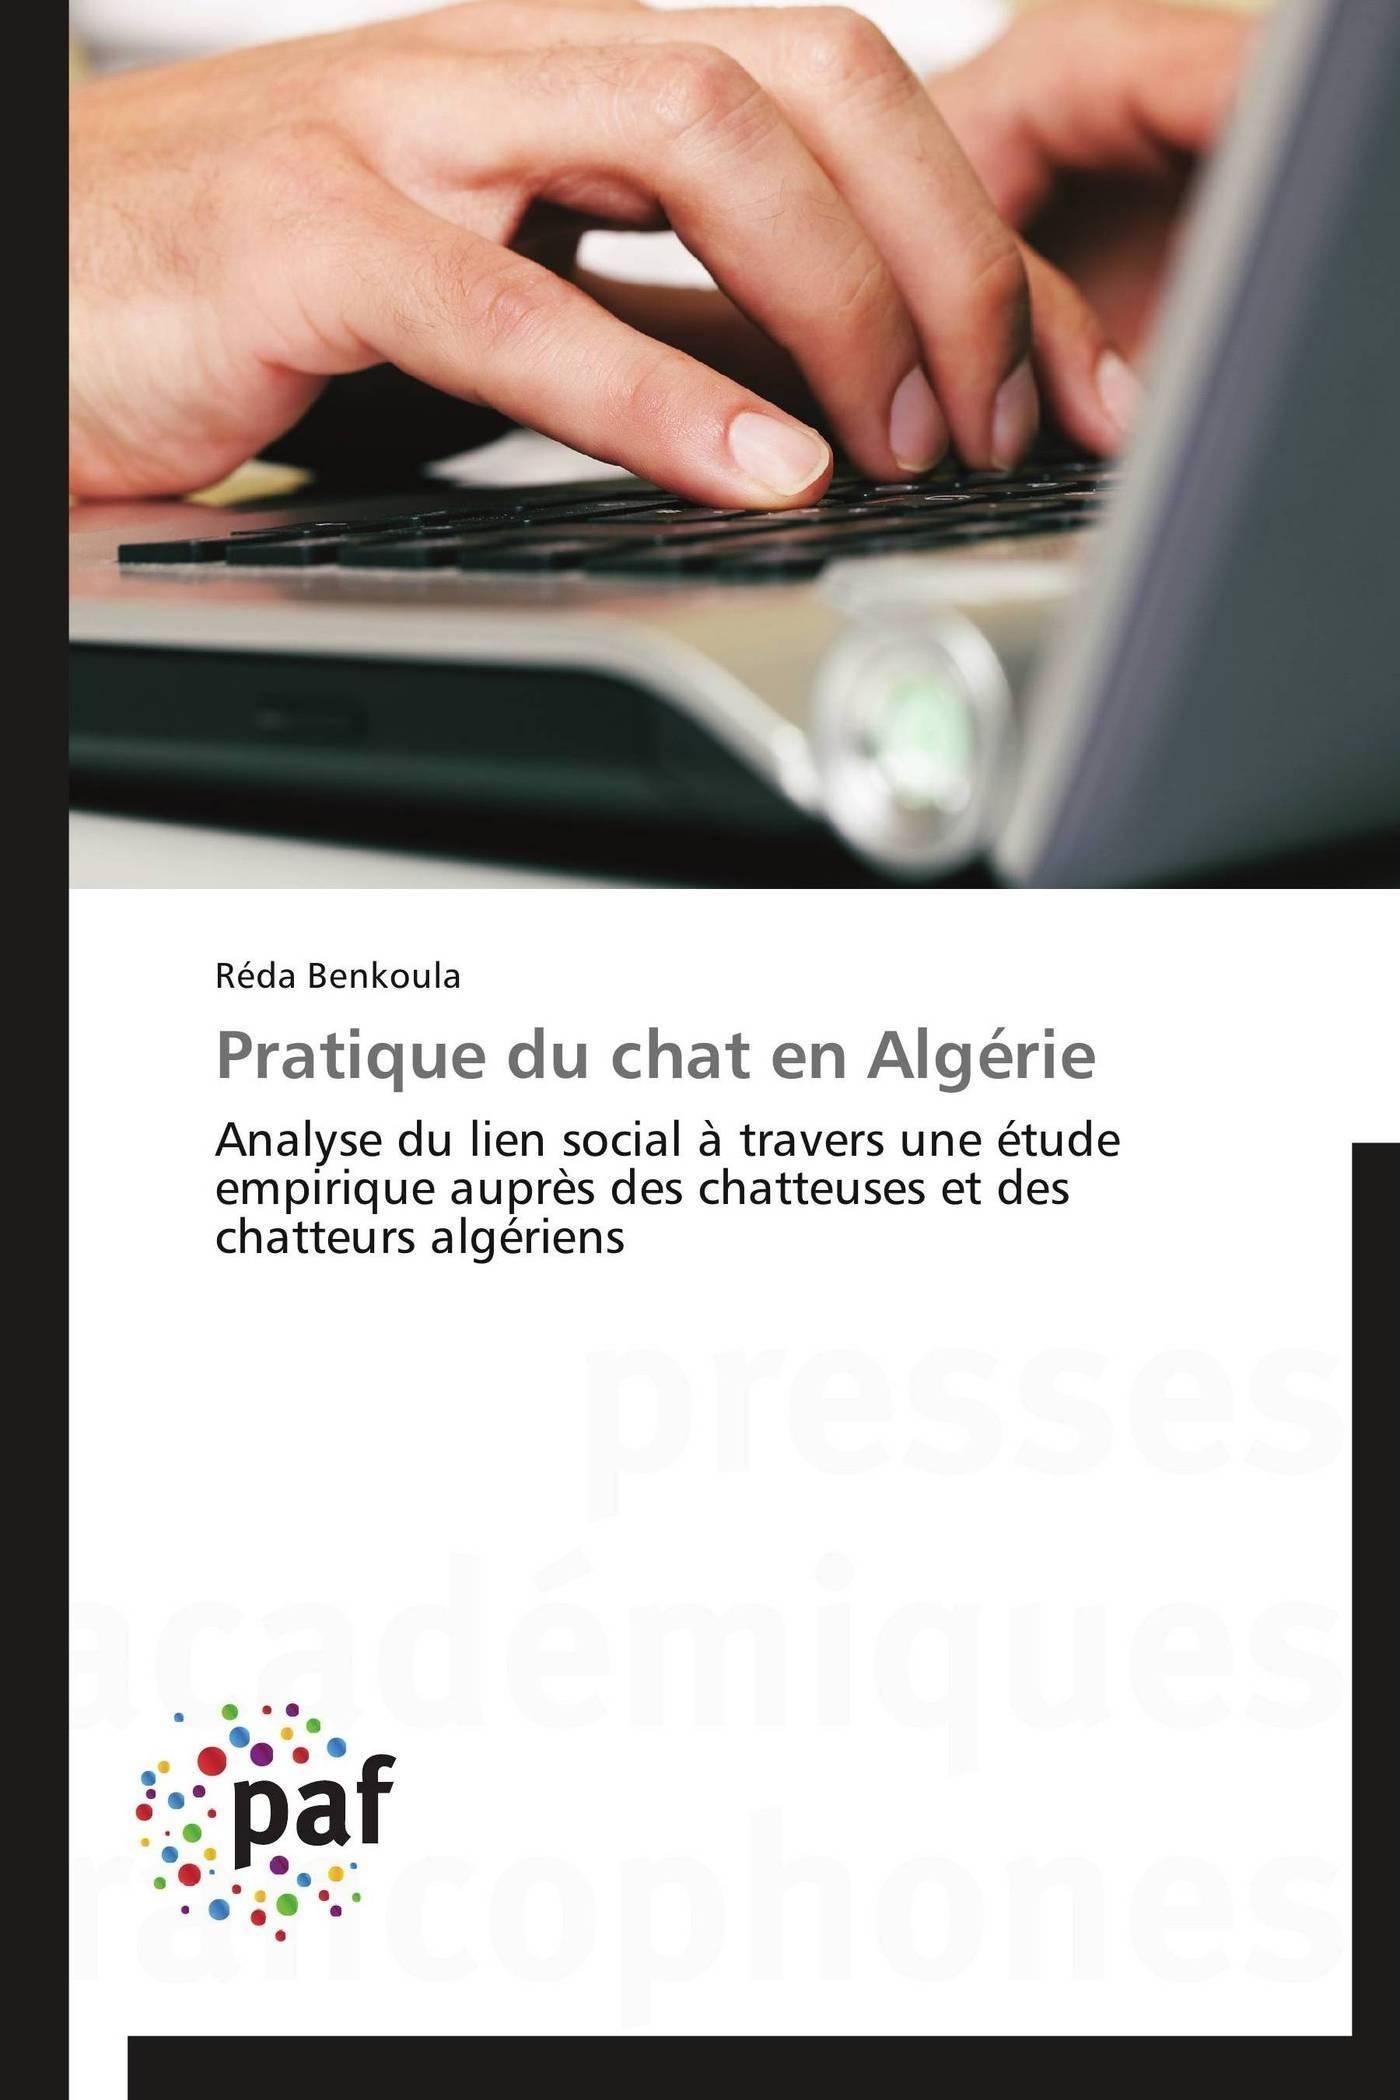 PRATIQUE DU CHAT EN ALGERIE